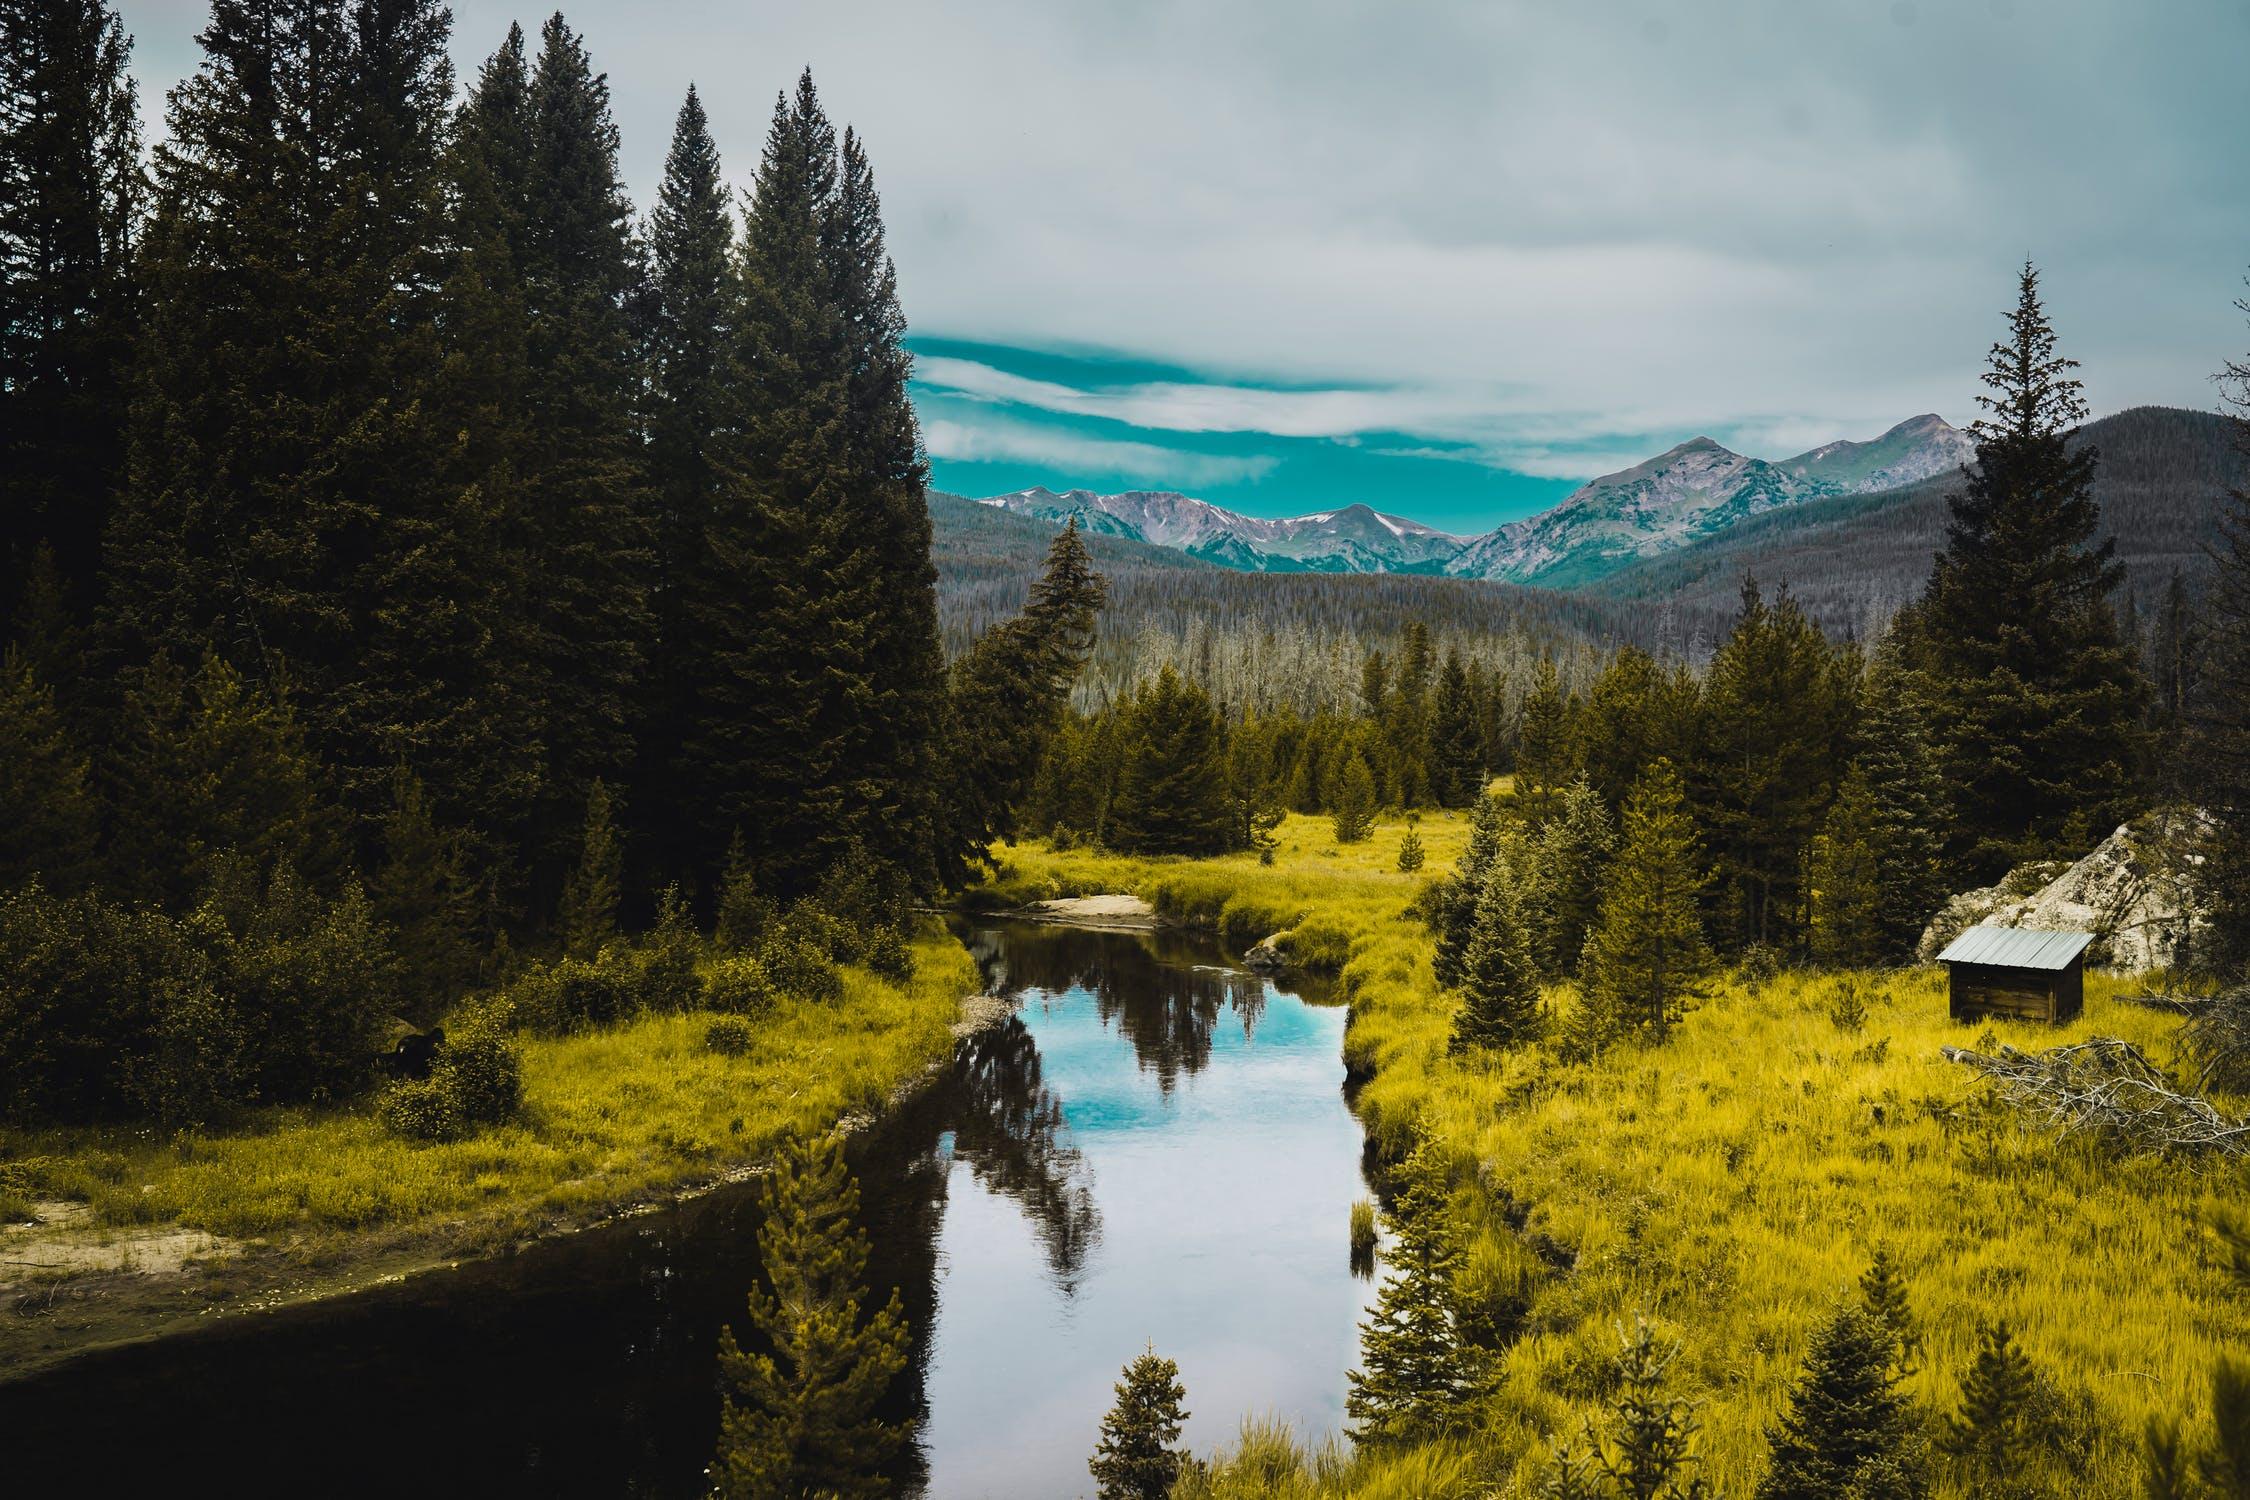 Bộ ảnh full hd 4k đẹp ấn tượng về thiên nhiên